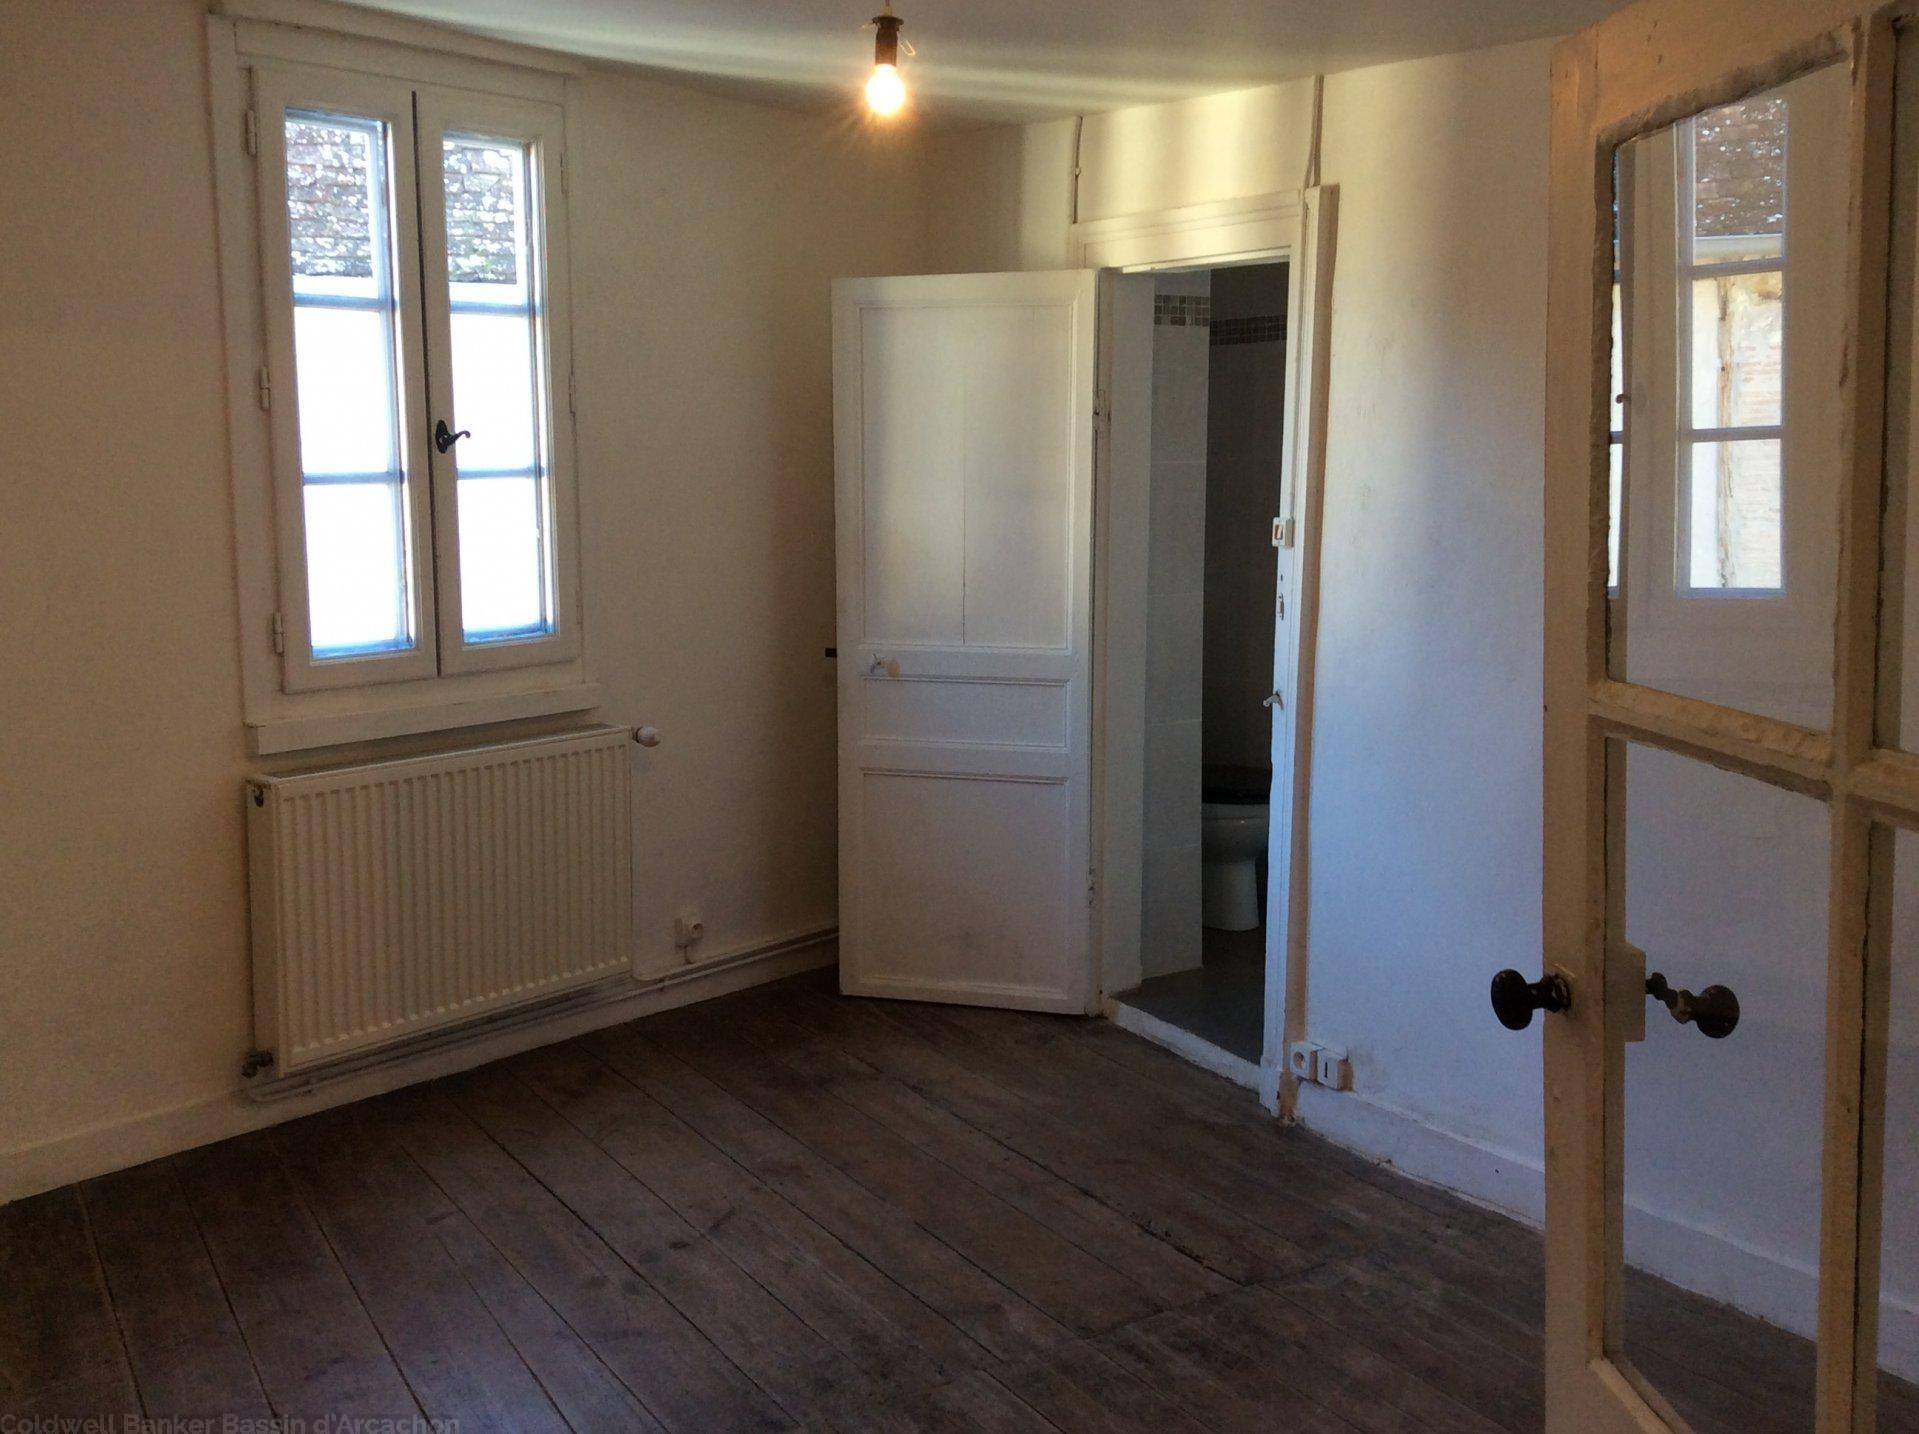 Vente maison ancienne rénovée 2 chambres dordogne issigeac